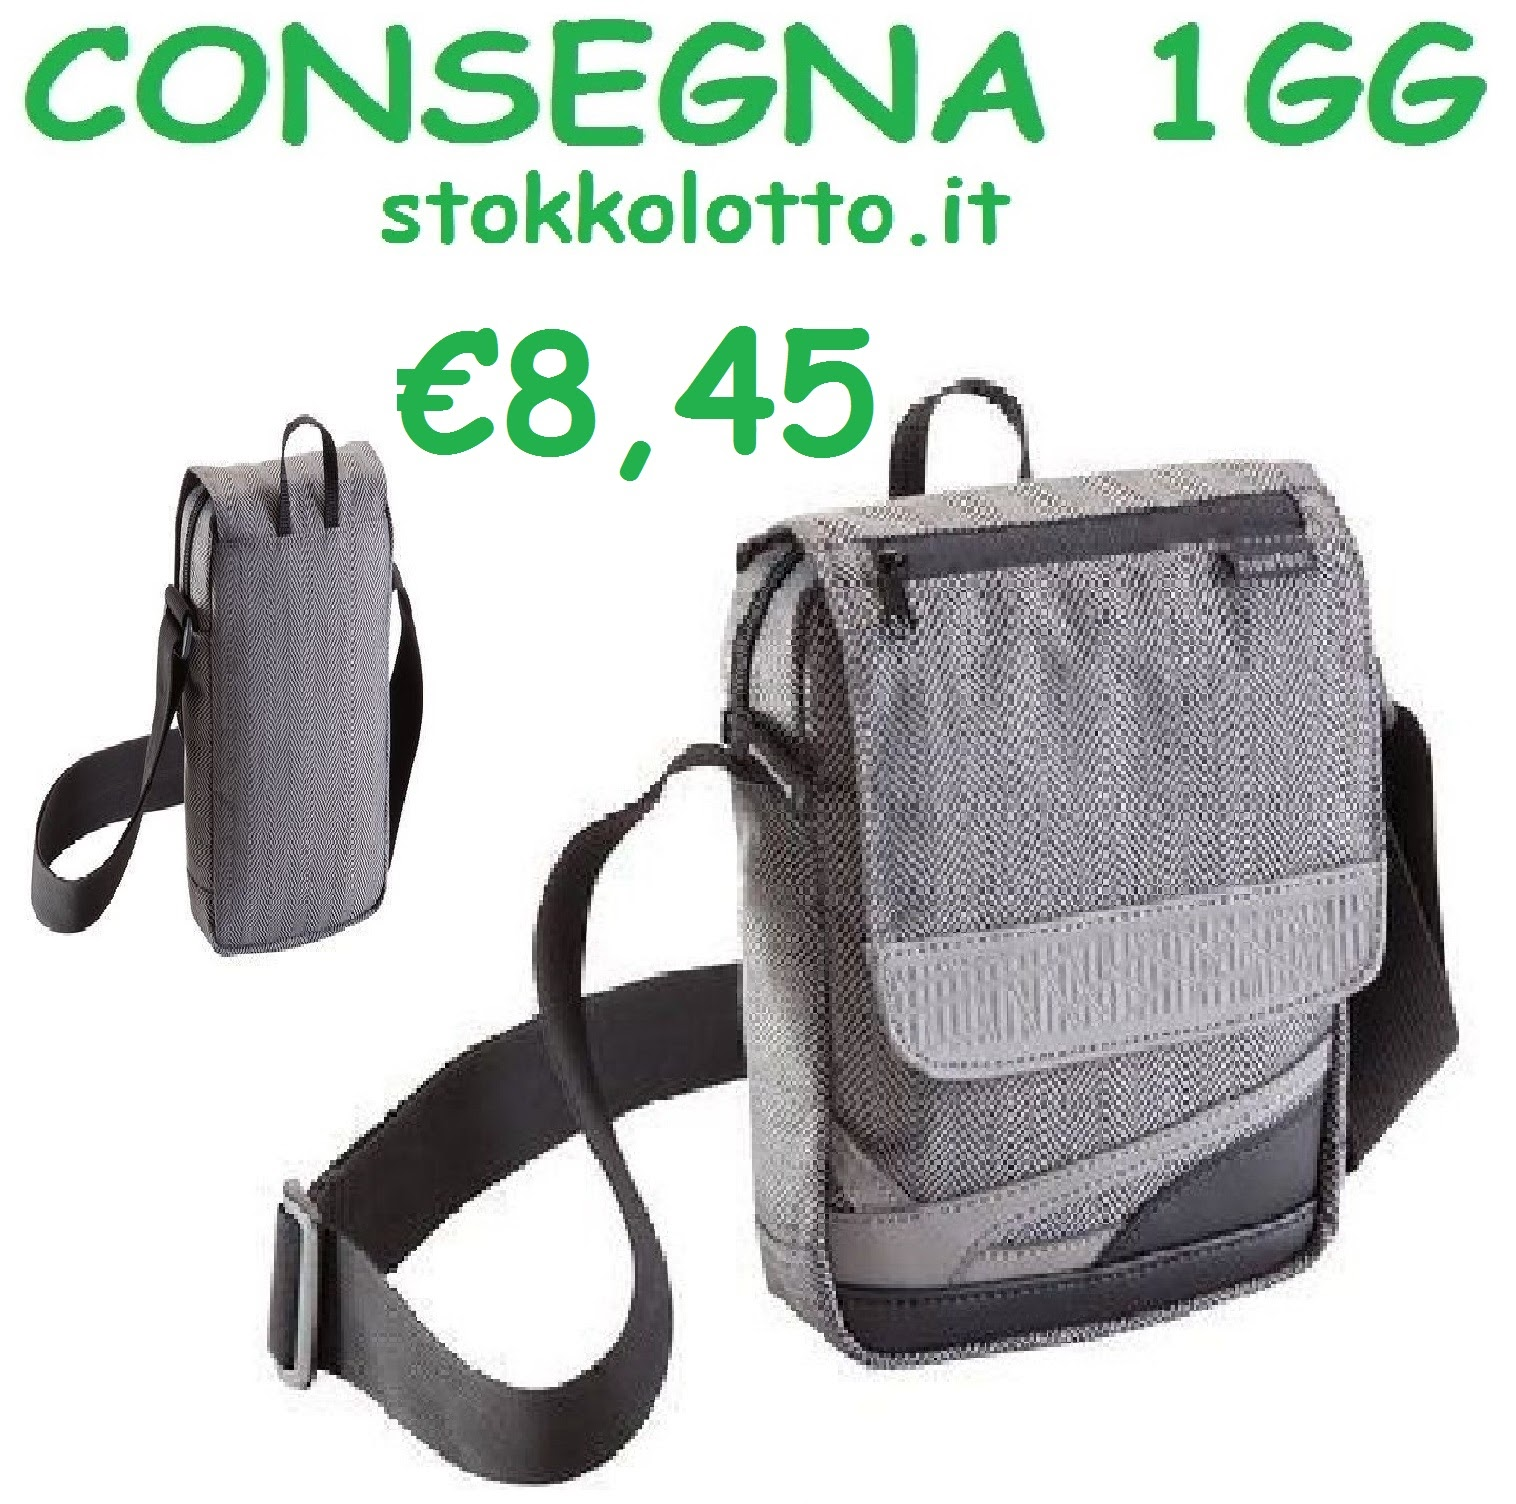 miglior sito web 9407a d5fc5 €8,45 - Elegante Borsello colore bello effetto grigio ...